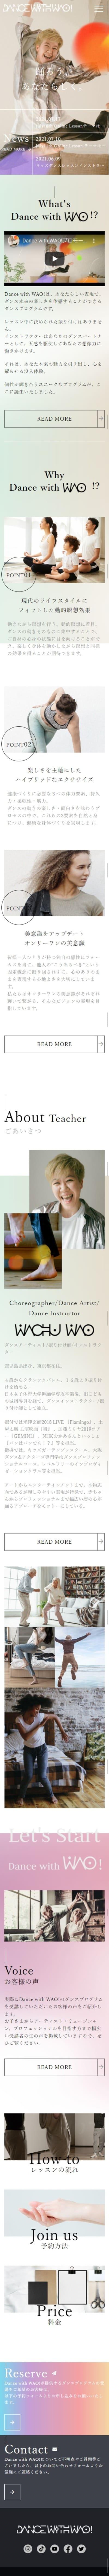 Dance with WAO